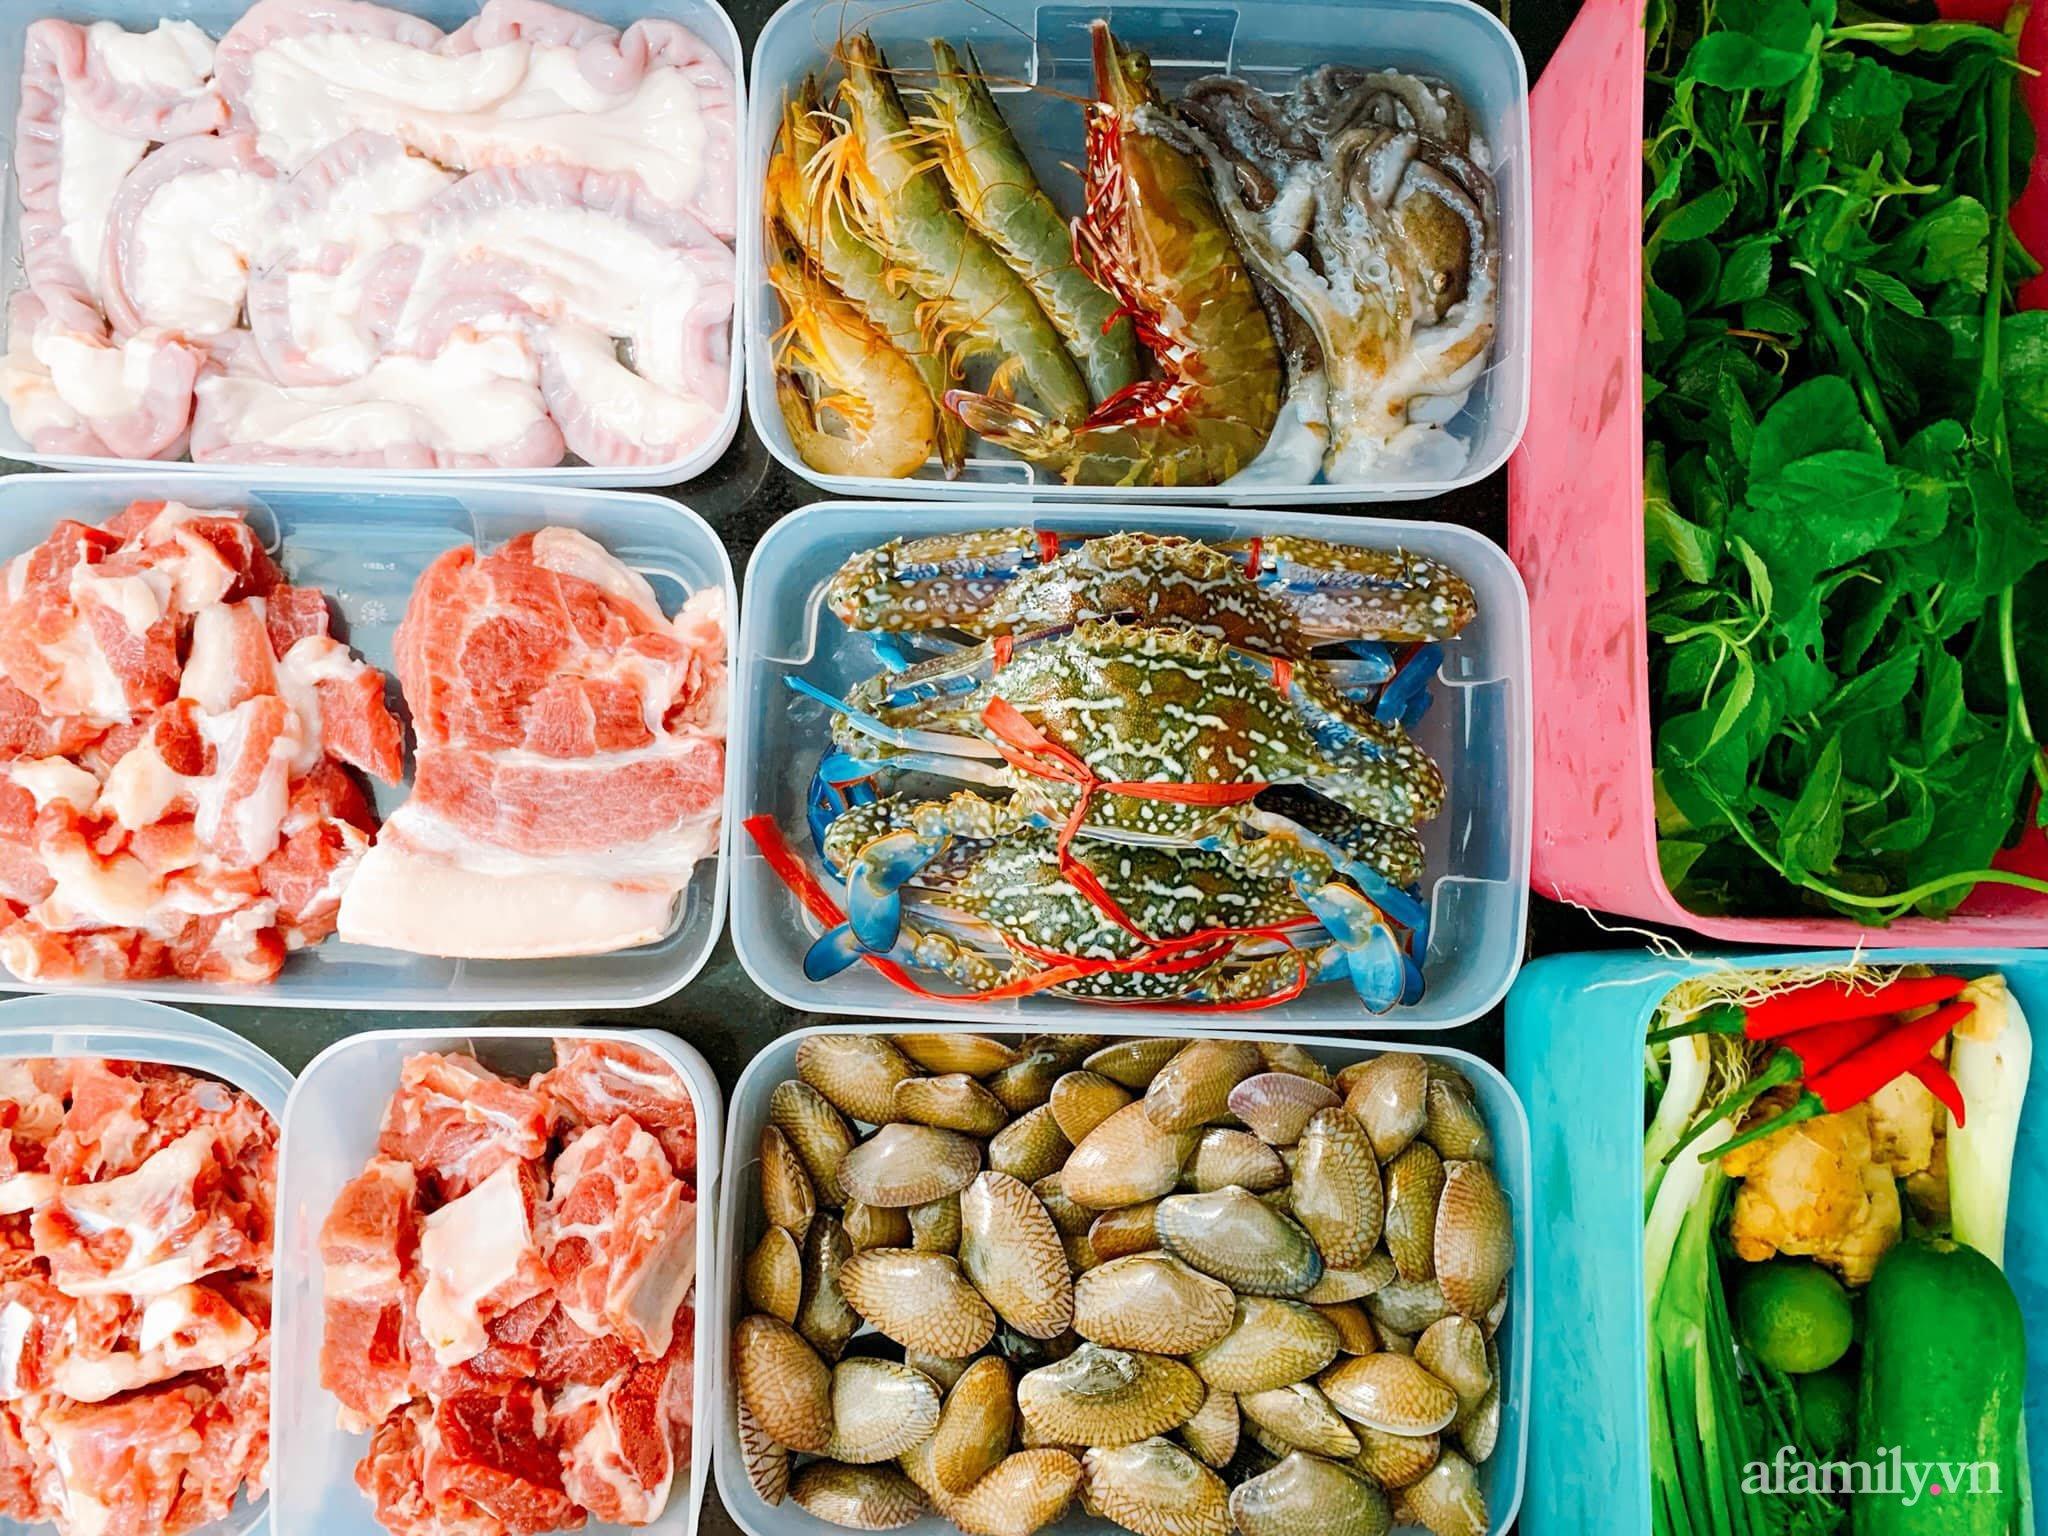 Bà nội trợ ở Quảng Ninh tiết lộ 9 bí kíp chọn mua thực phẩm tươi ngon cho chị em-3